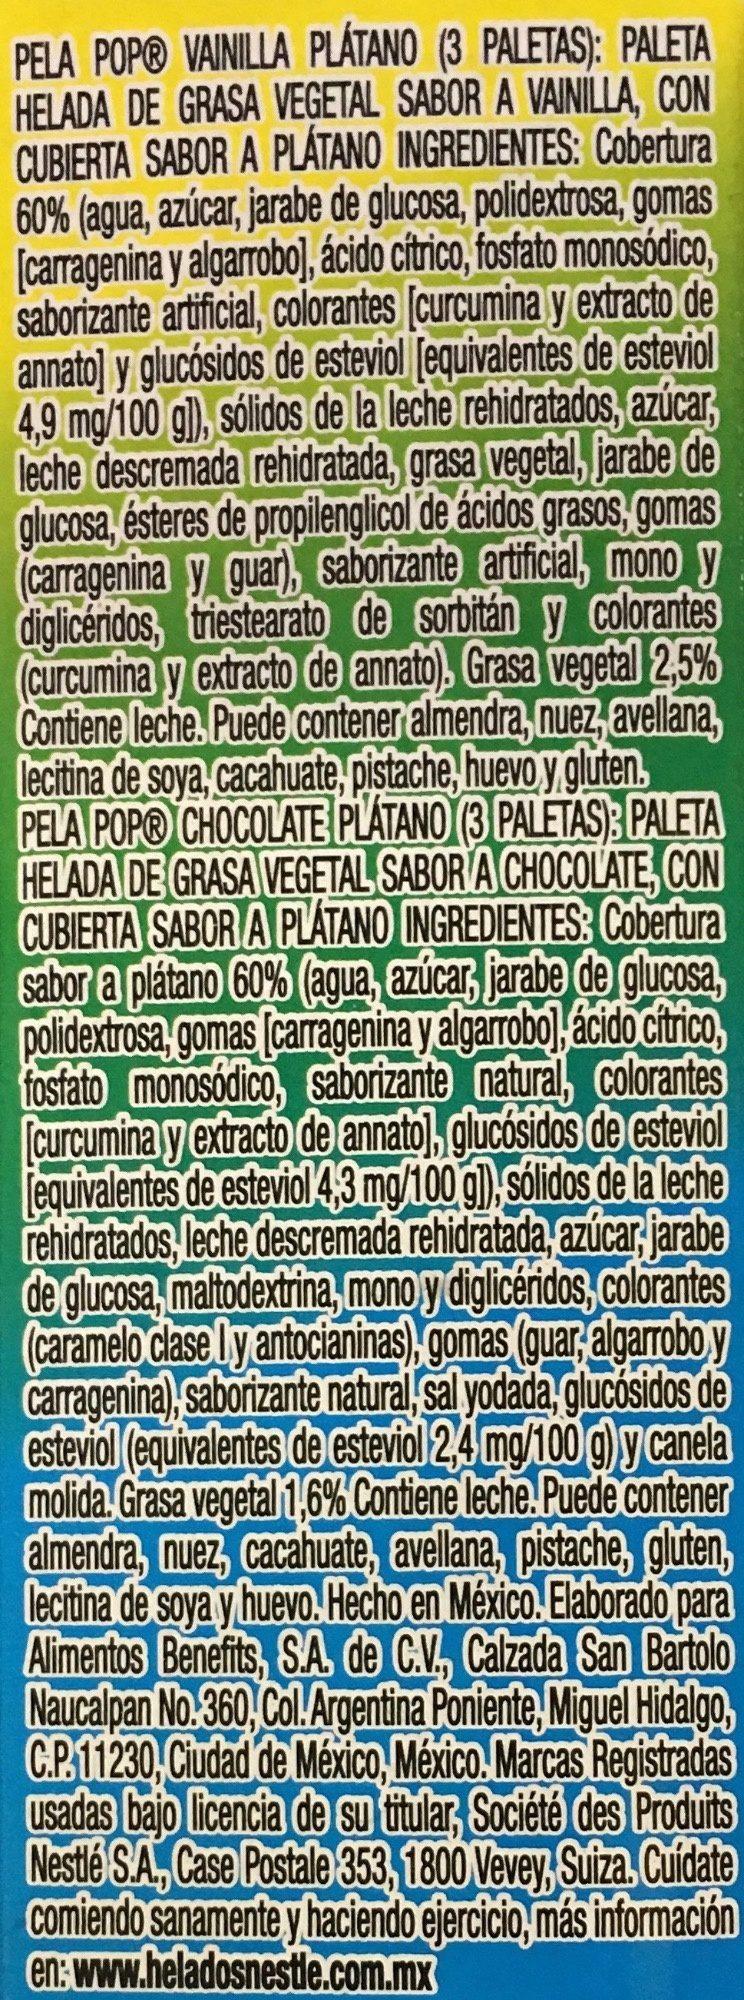 Pela Pop Kaskaraleta vainilla - Ingrediënten - es